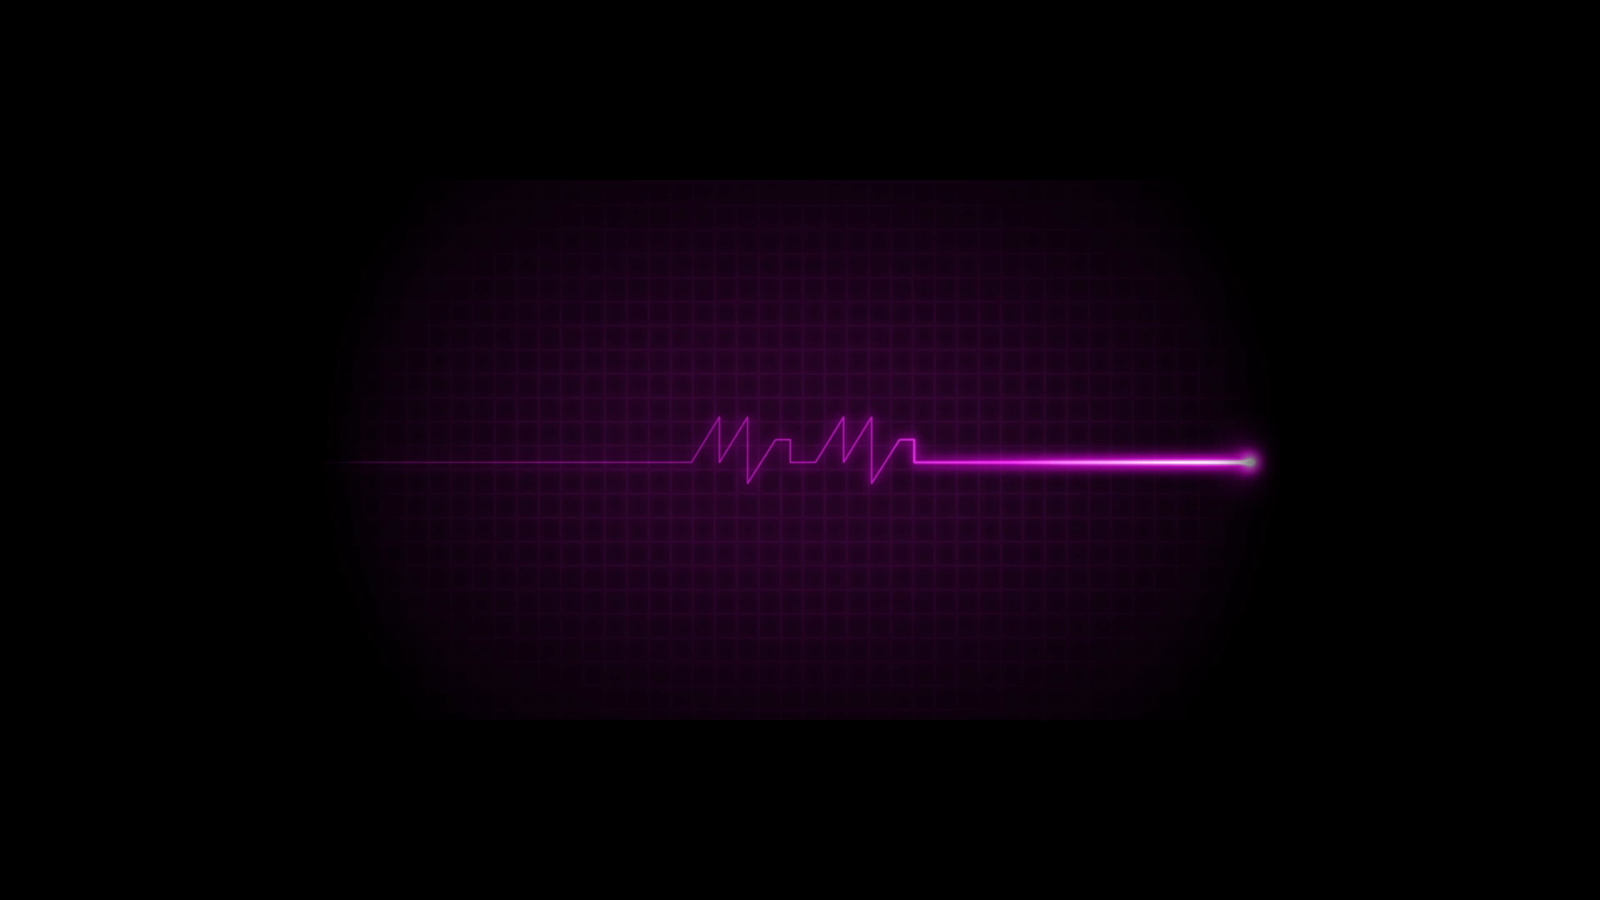 求少女时代mrmr里的logo心电图